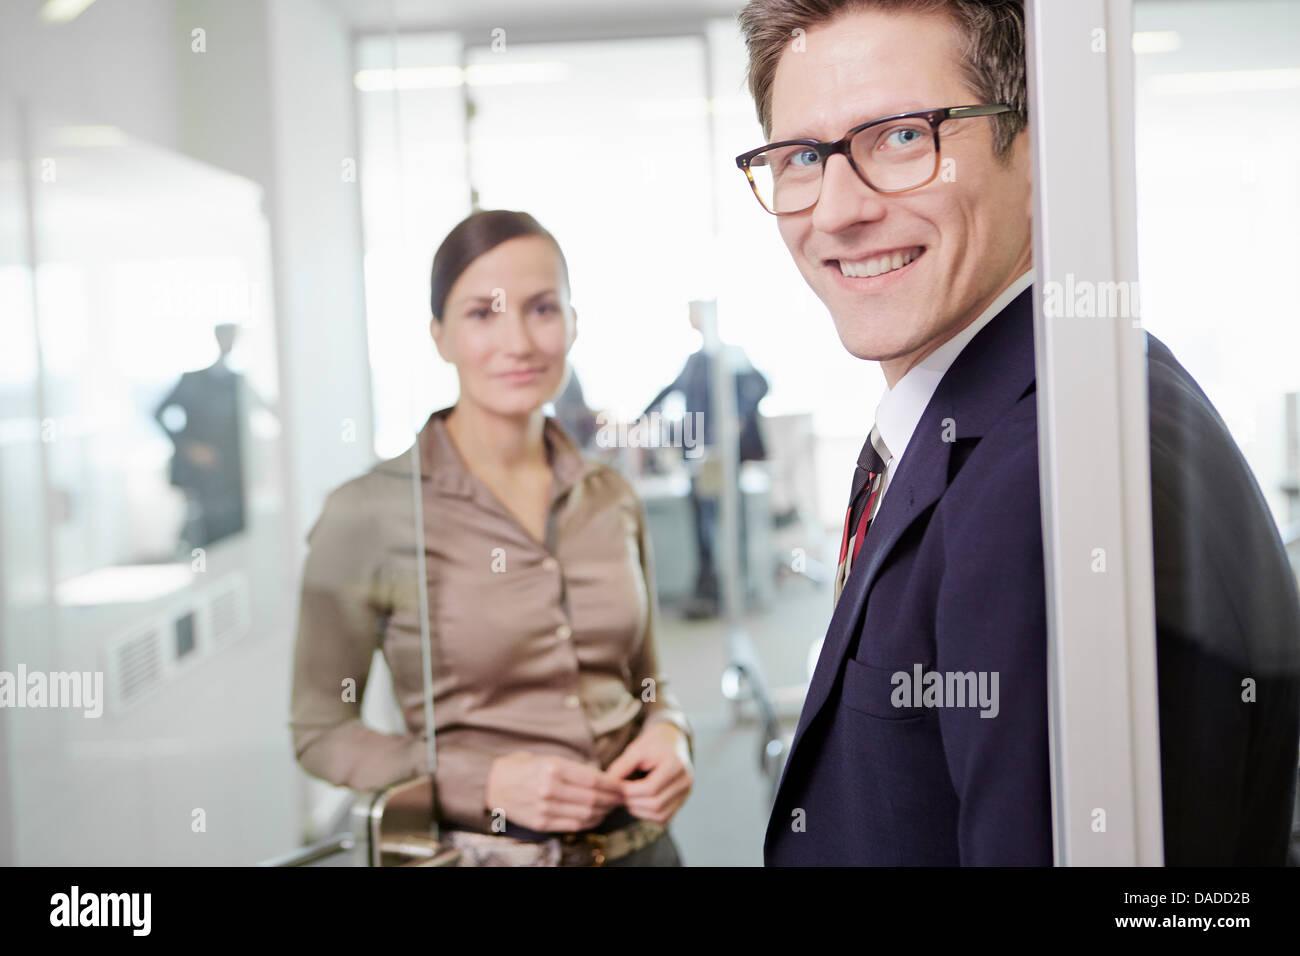 Hombre y mujer vistiendo trajes de negocios de pie en el marco de la puerta de la oficina Imagen De Stock